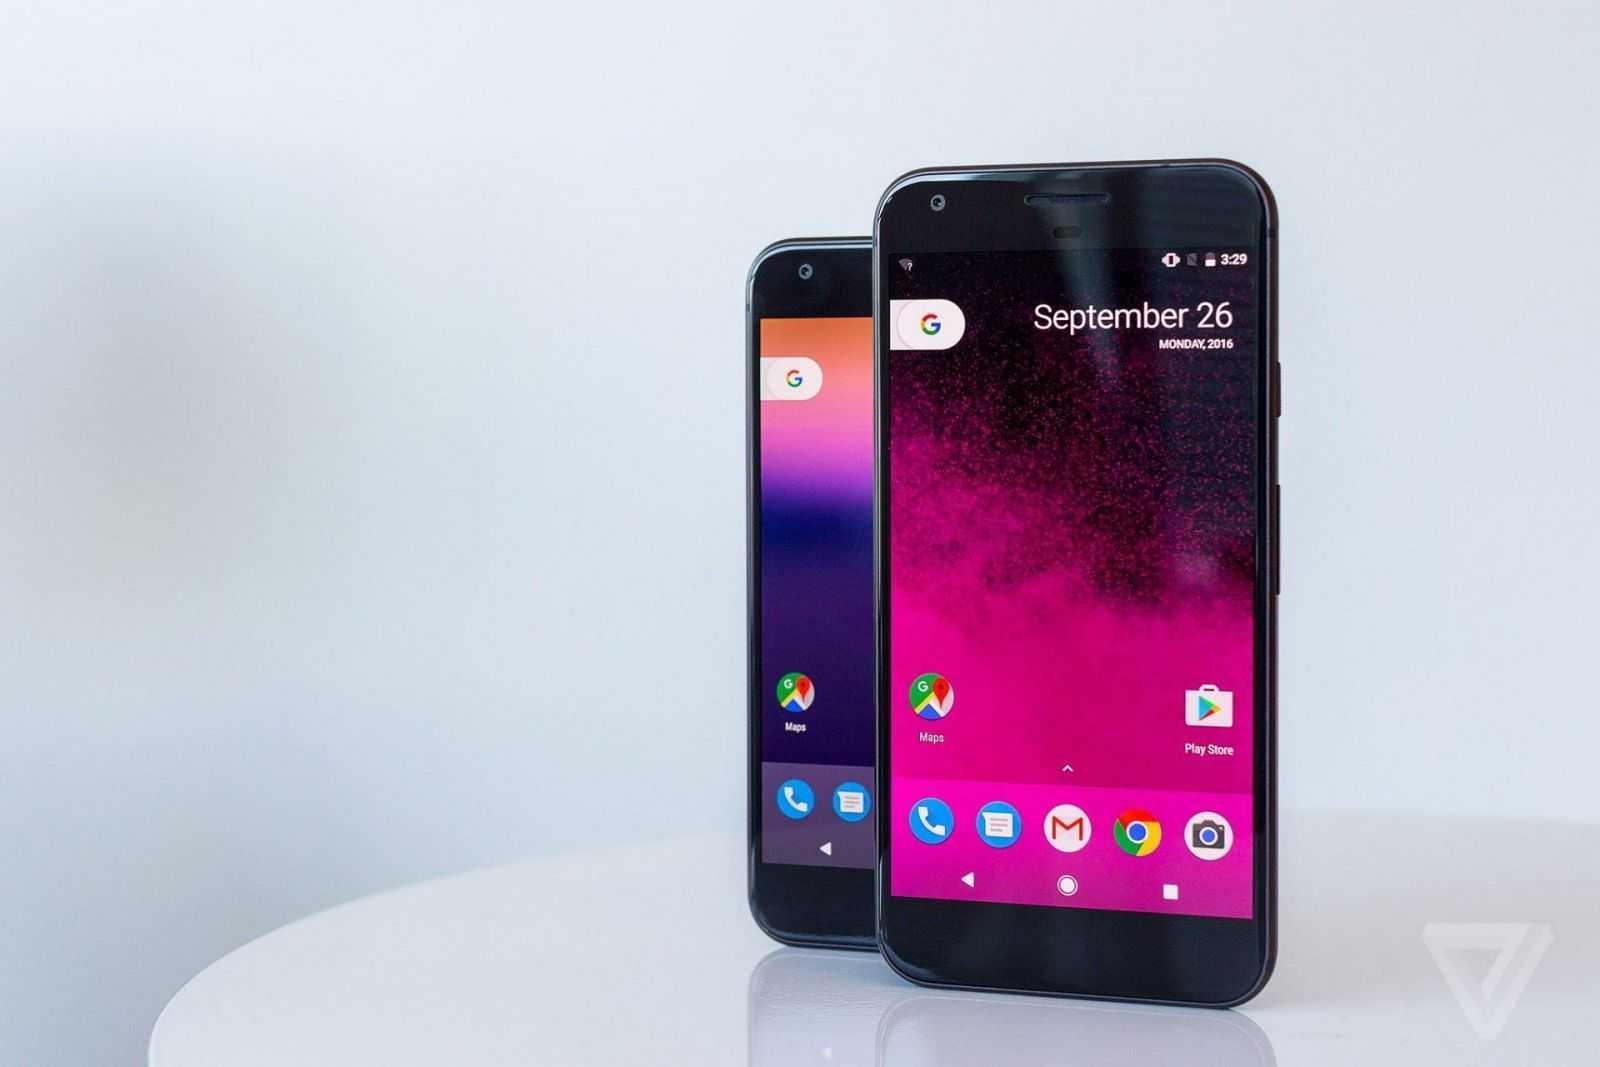 vpavic 160926 1228 0201 - Google выпустил новые смартфоны Pixel и Pixel XL